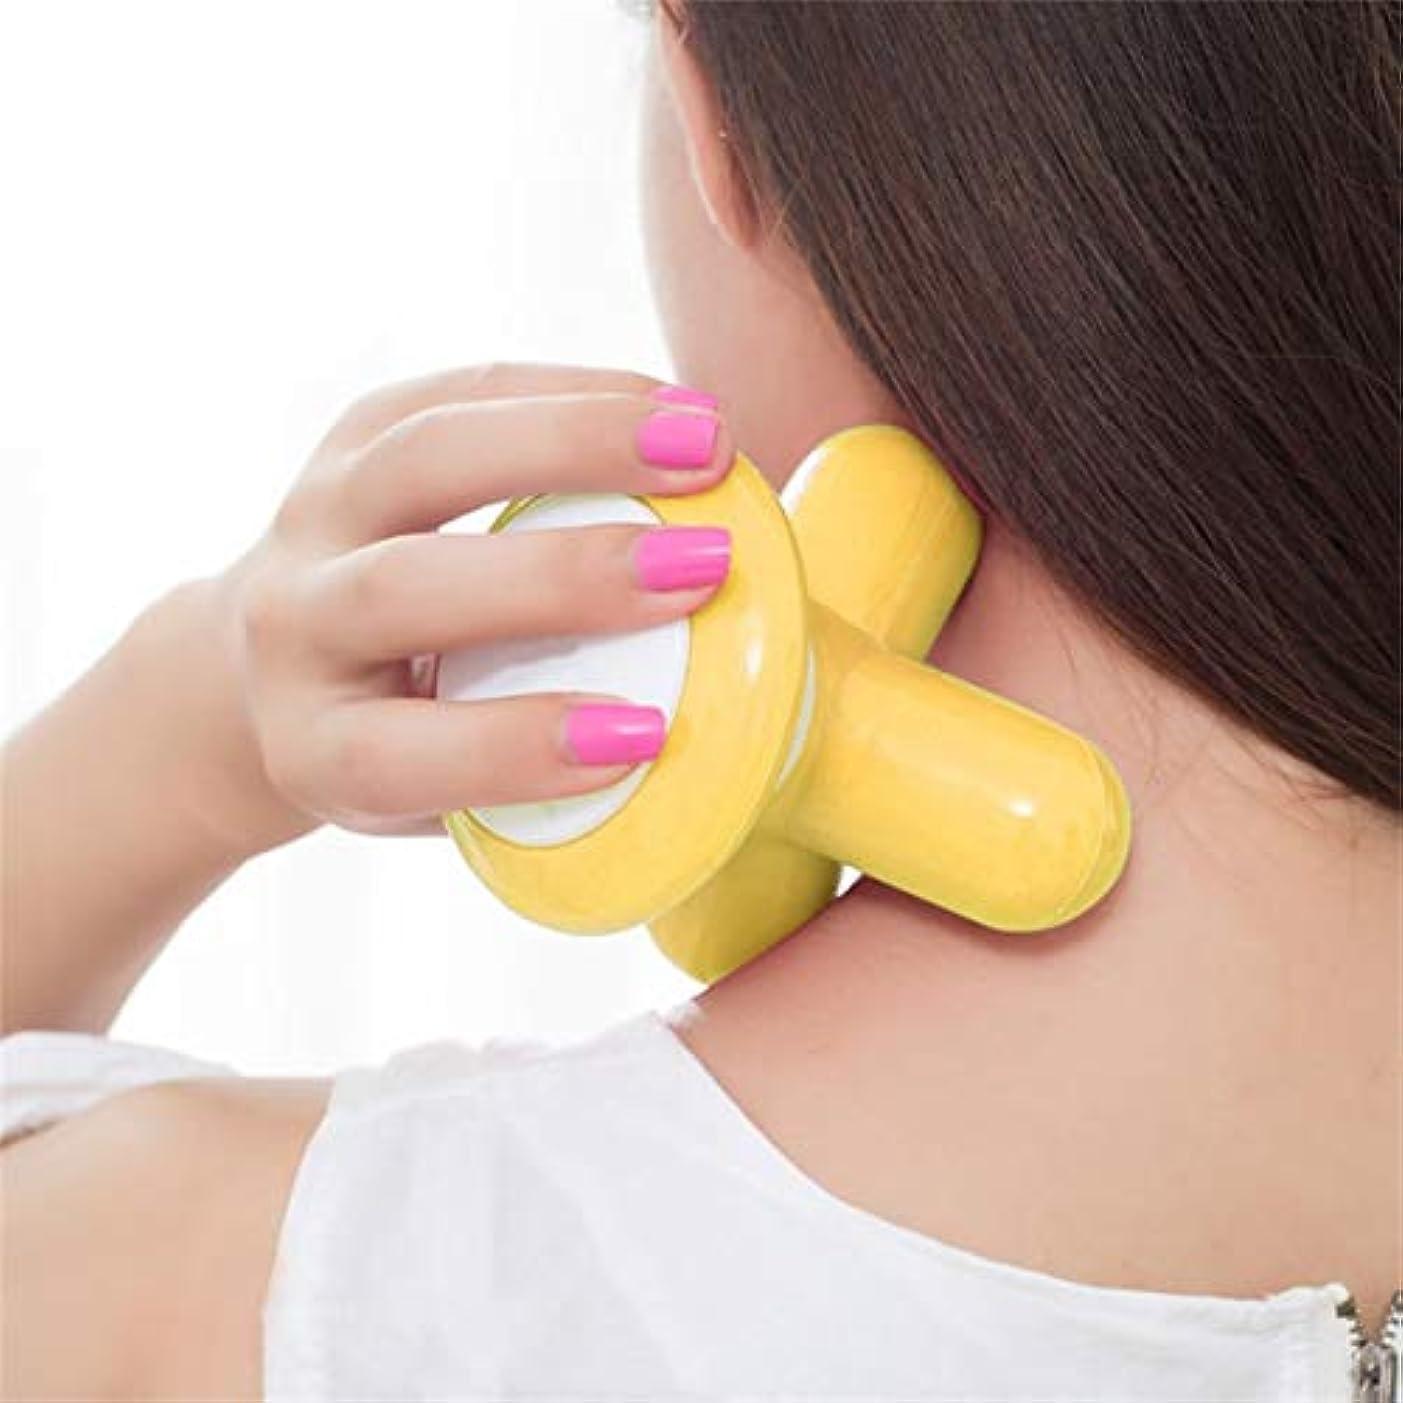 必要ないお互いフクロウMini Electric Handled Wave Vibrating Massager USB Battery Full Body Massage Ultra-compact Lightweight Convenient...